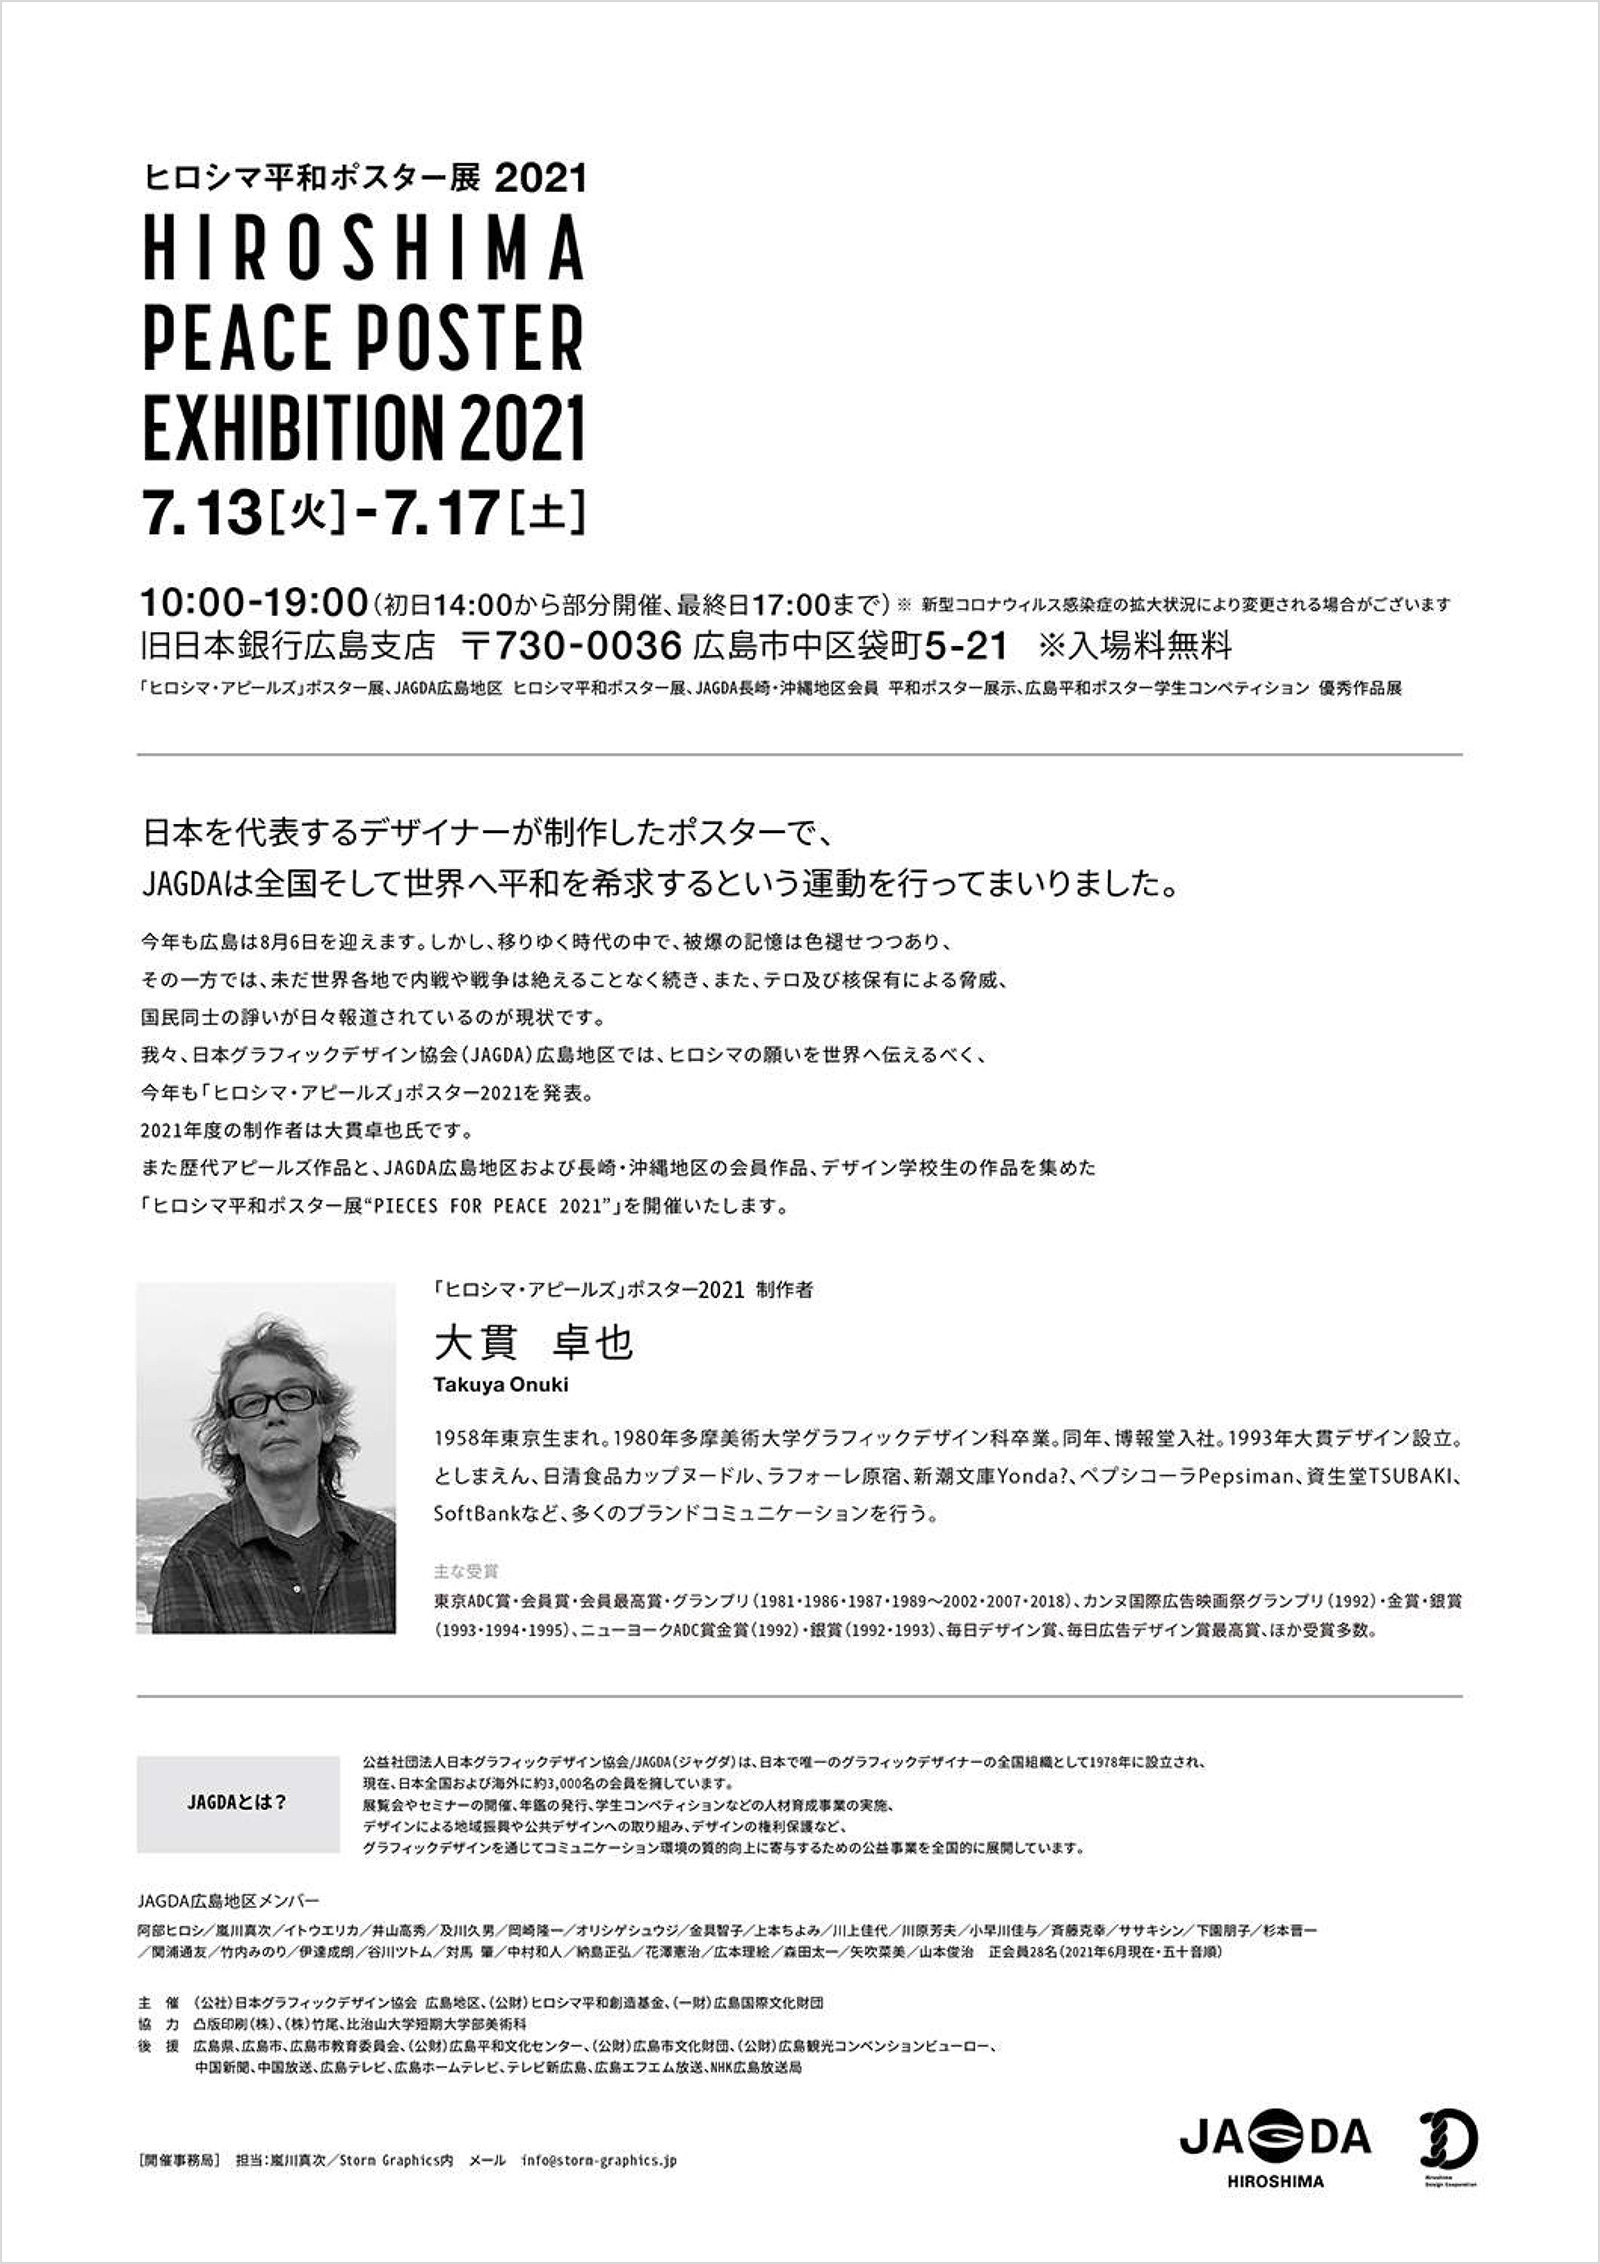 ヒロシマ平和ポスター展 PIECES FOR PEACE 2021【JAGDA広島地区】